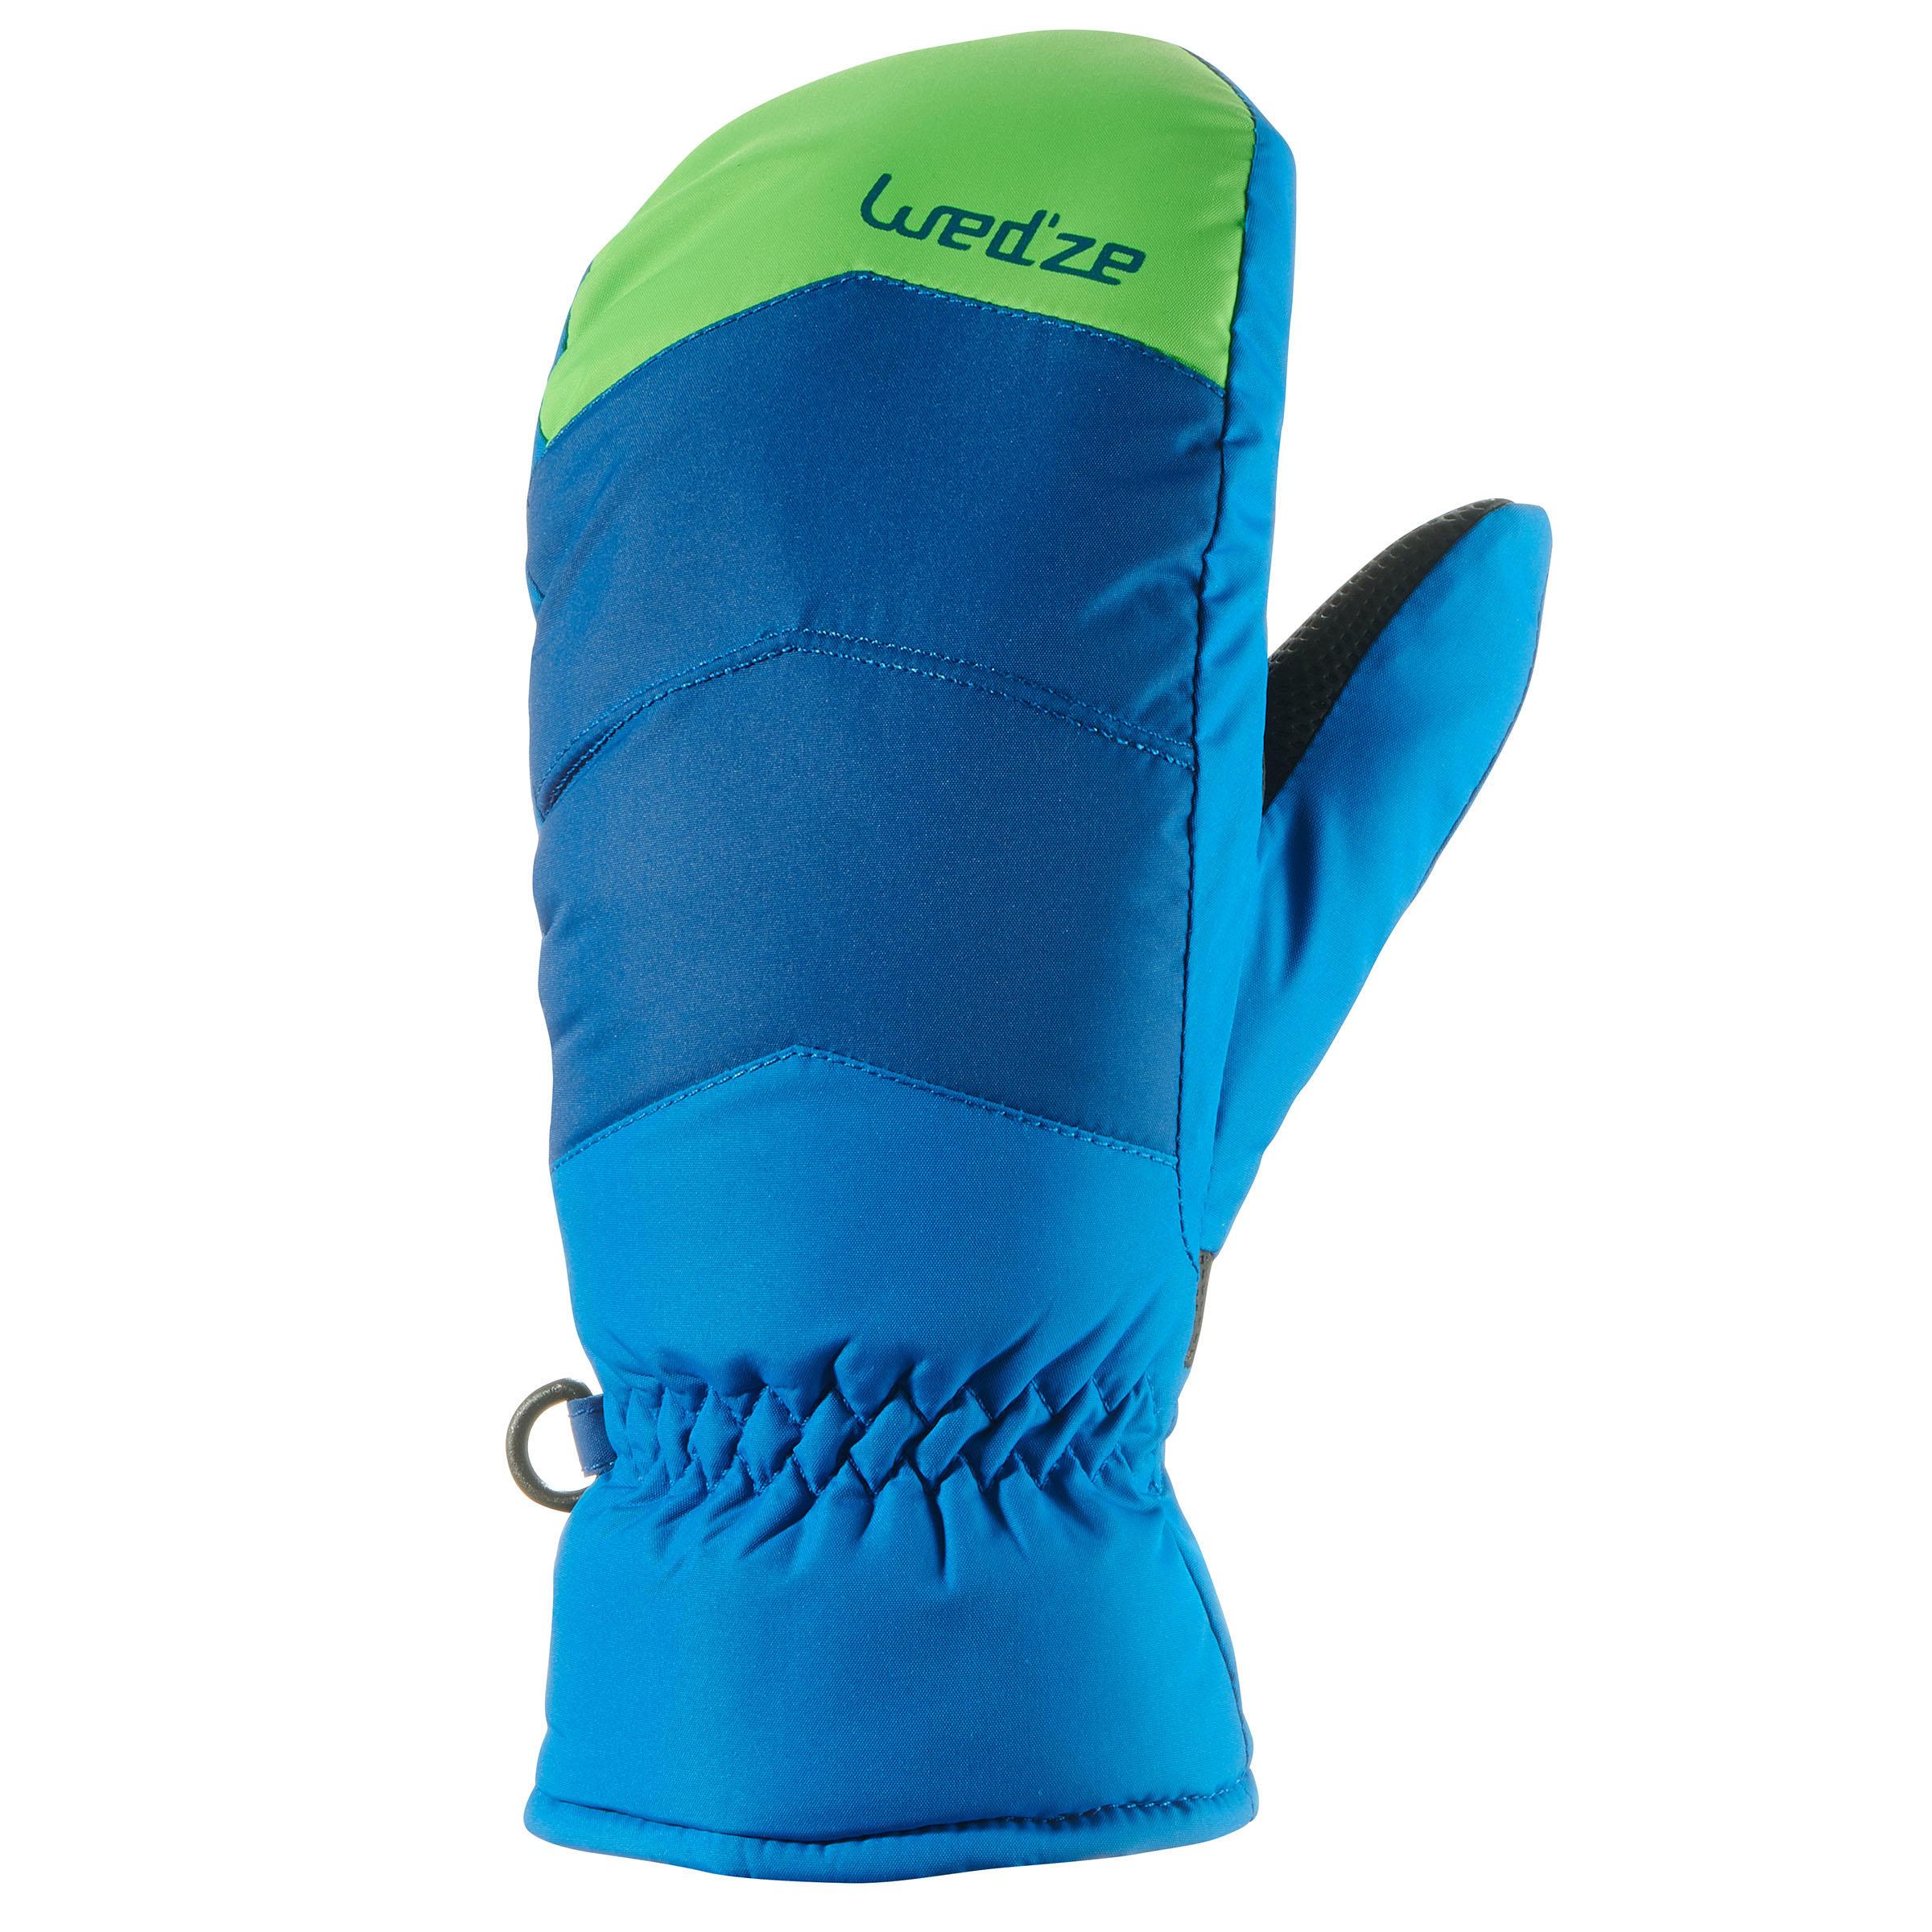 guetter vente chaude en ligne remise chaude Gants de ski, Sous-gants et moufles de ski | DECATHLON